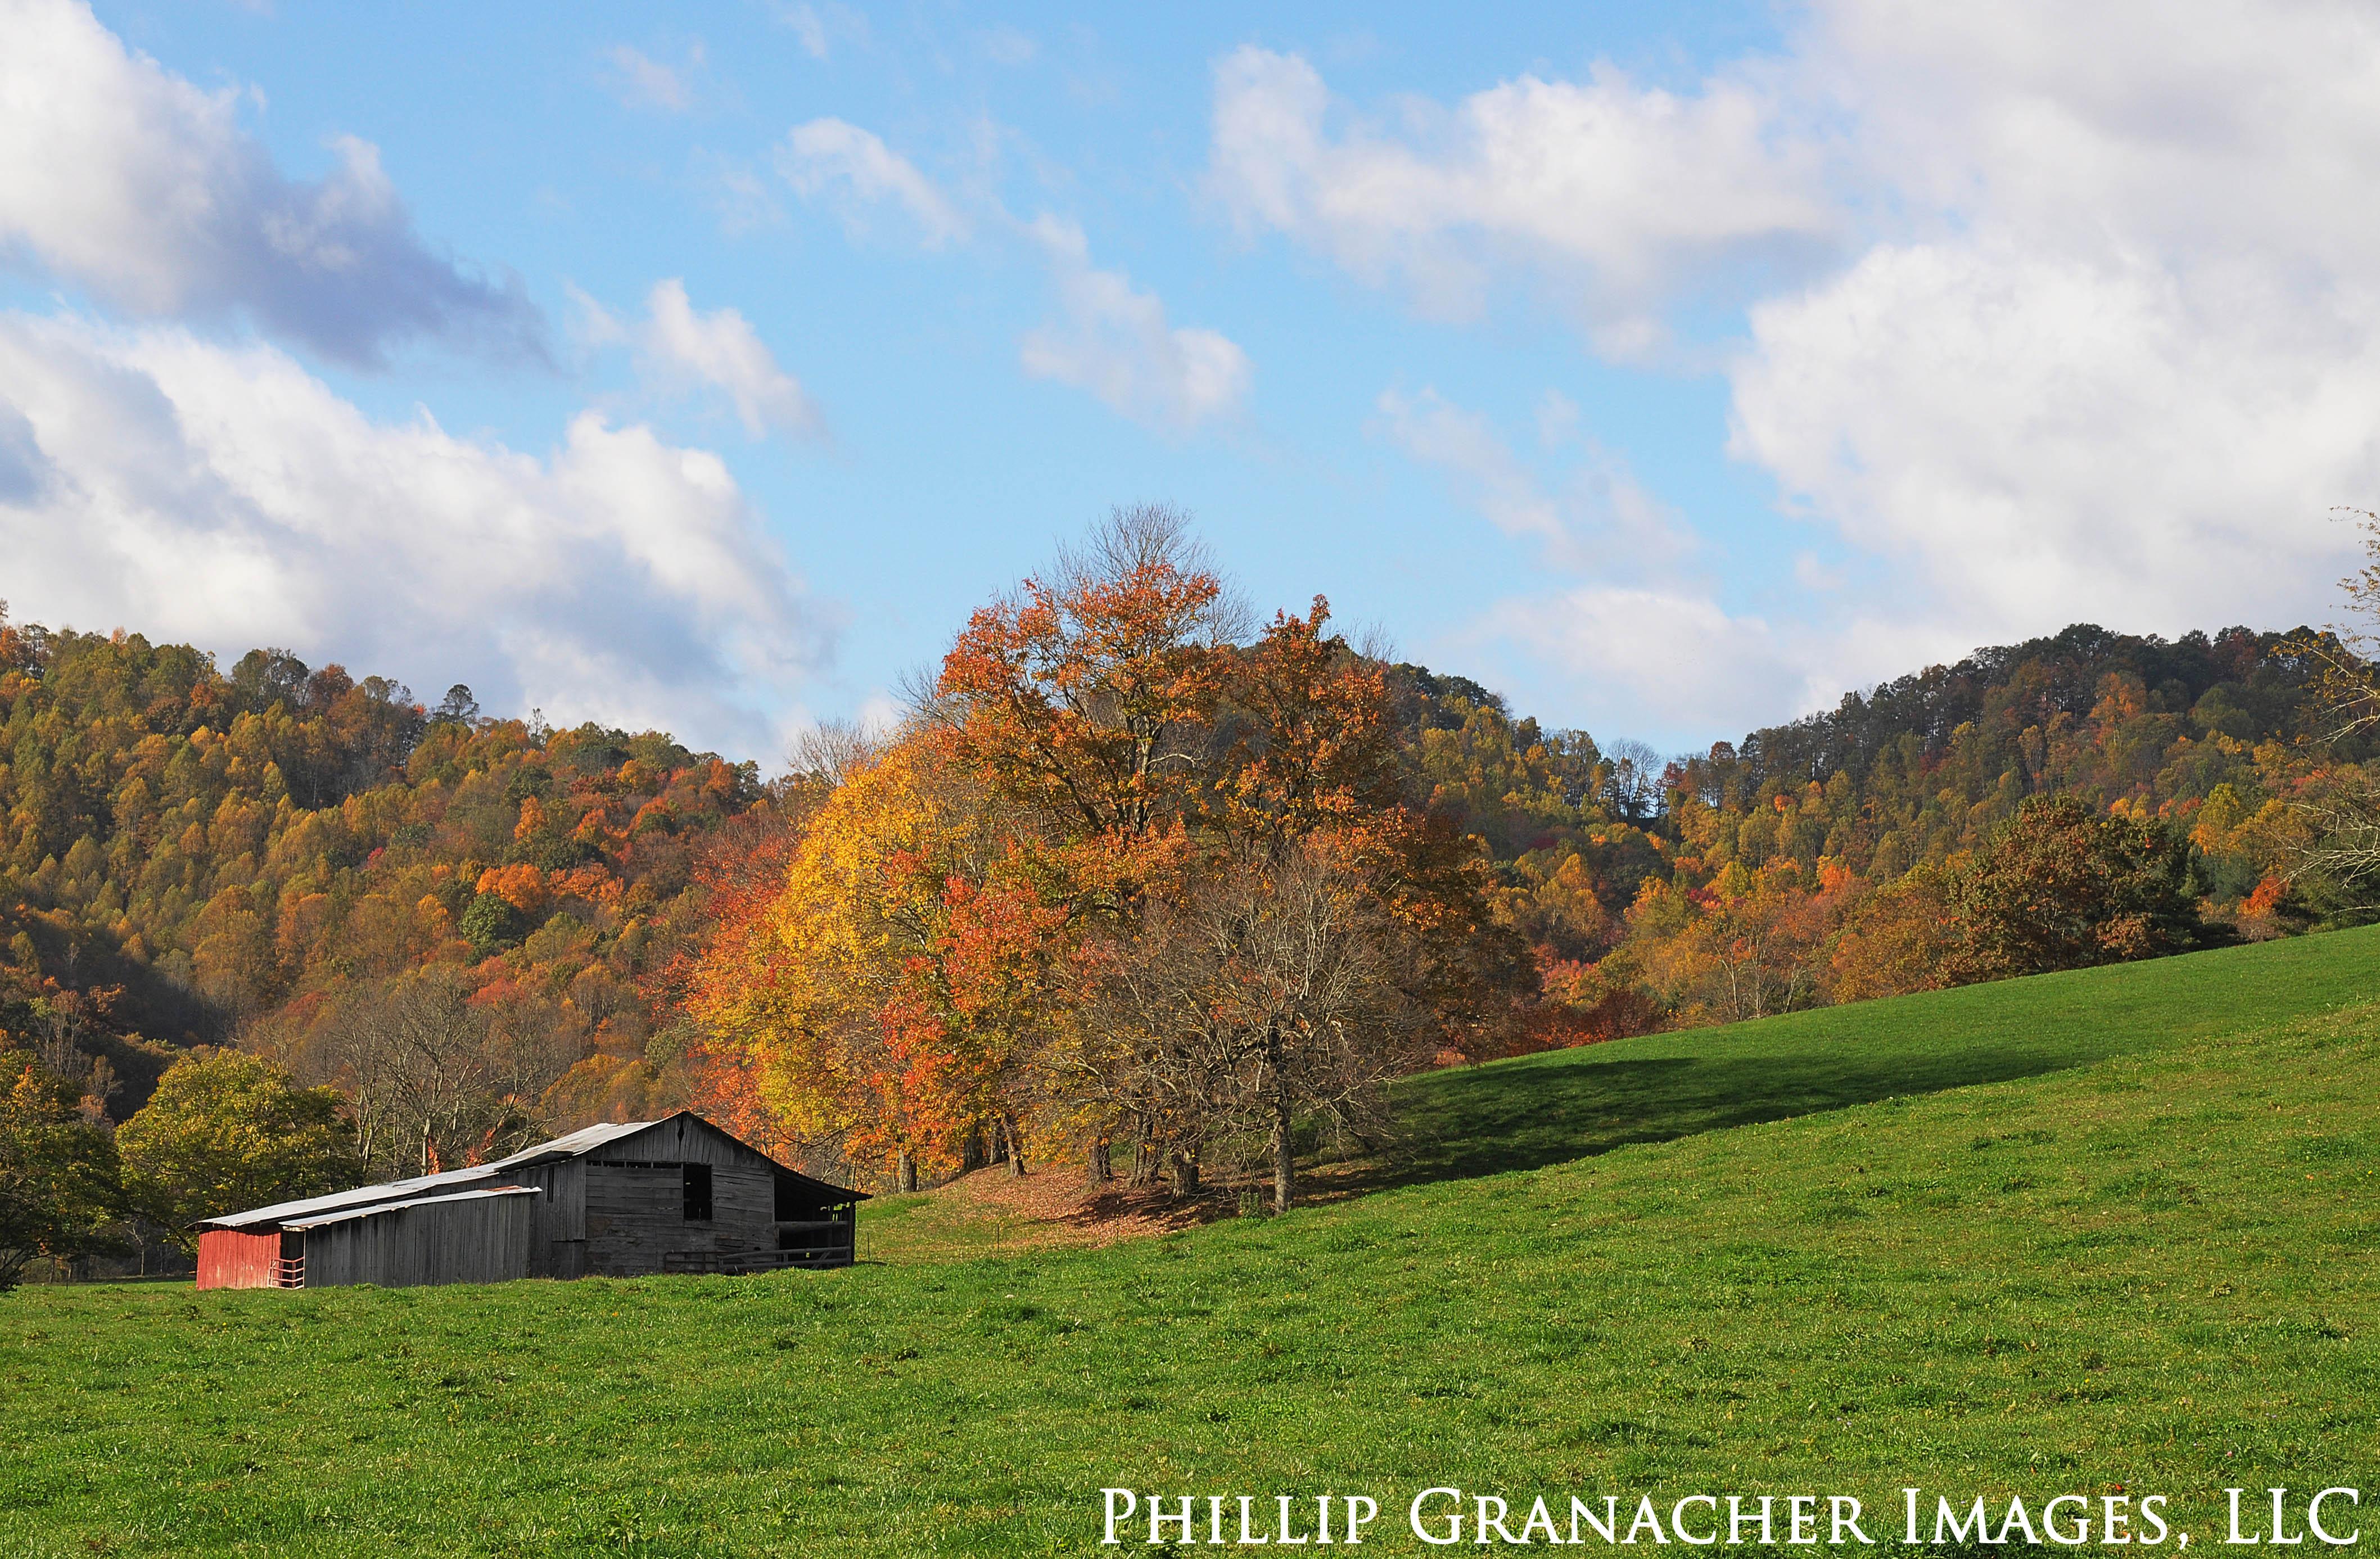 Phillip Granacher Images, LLC